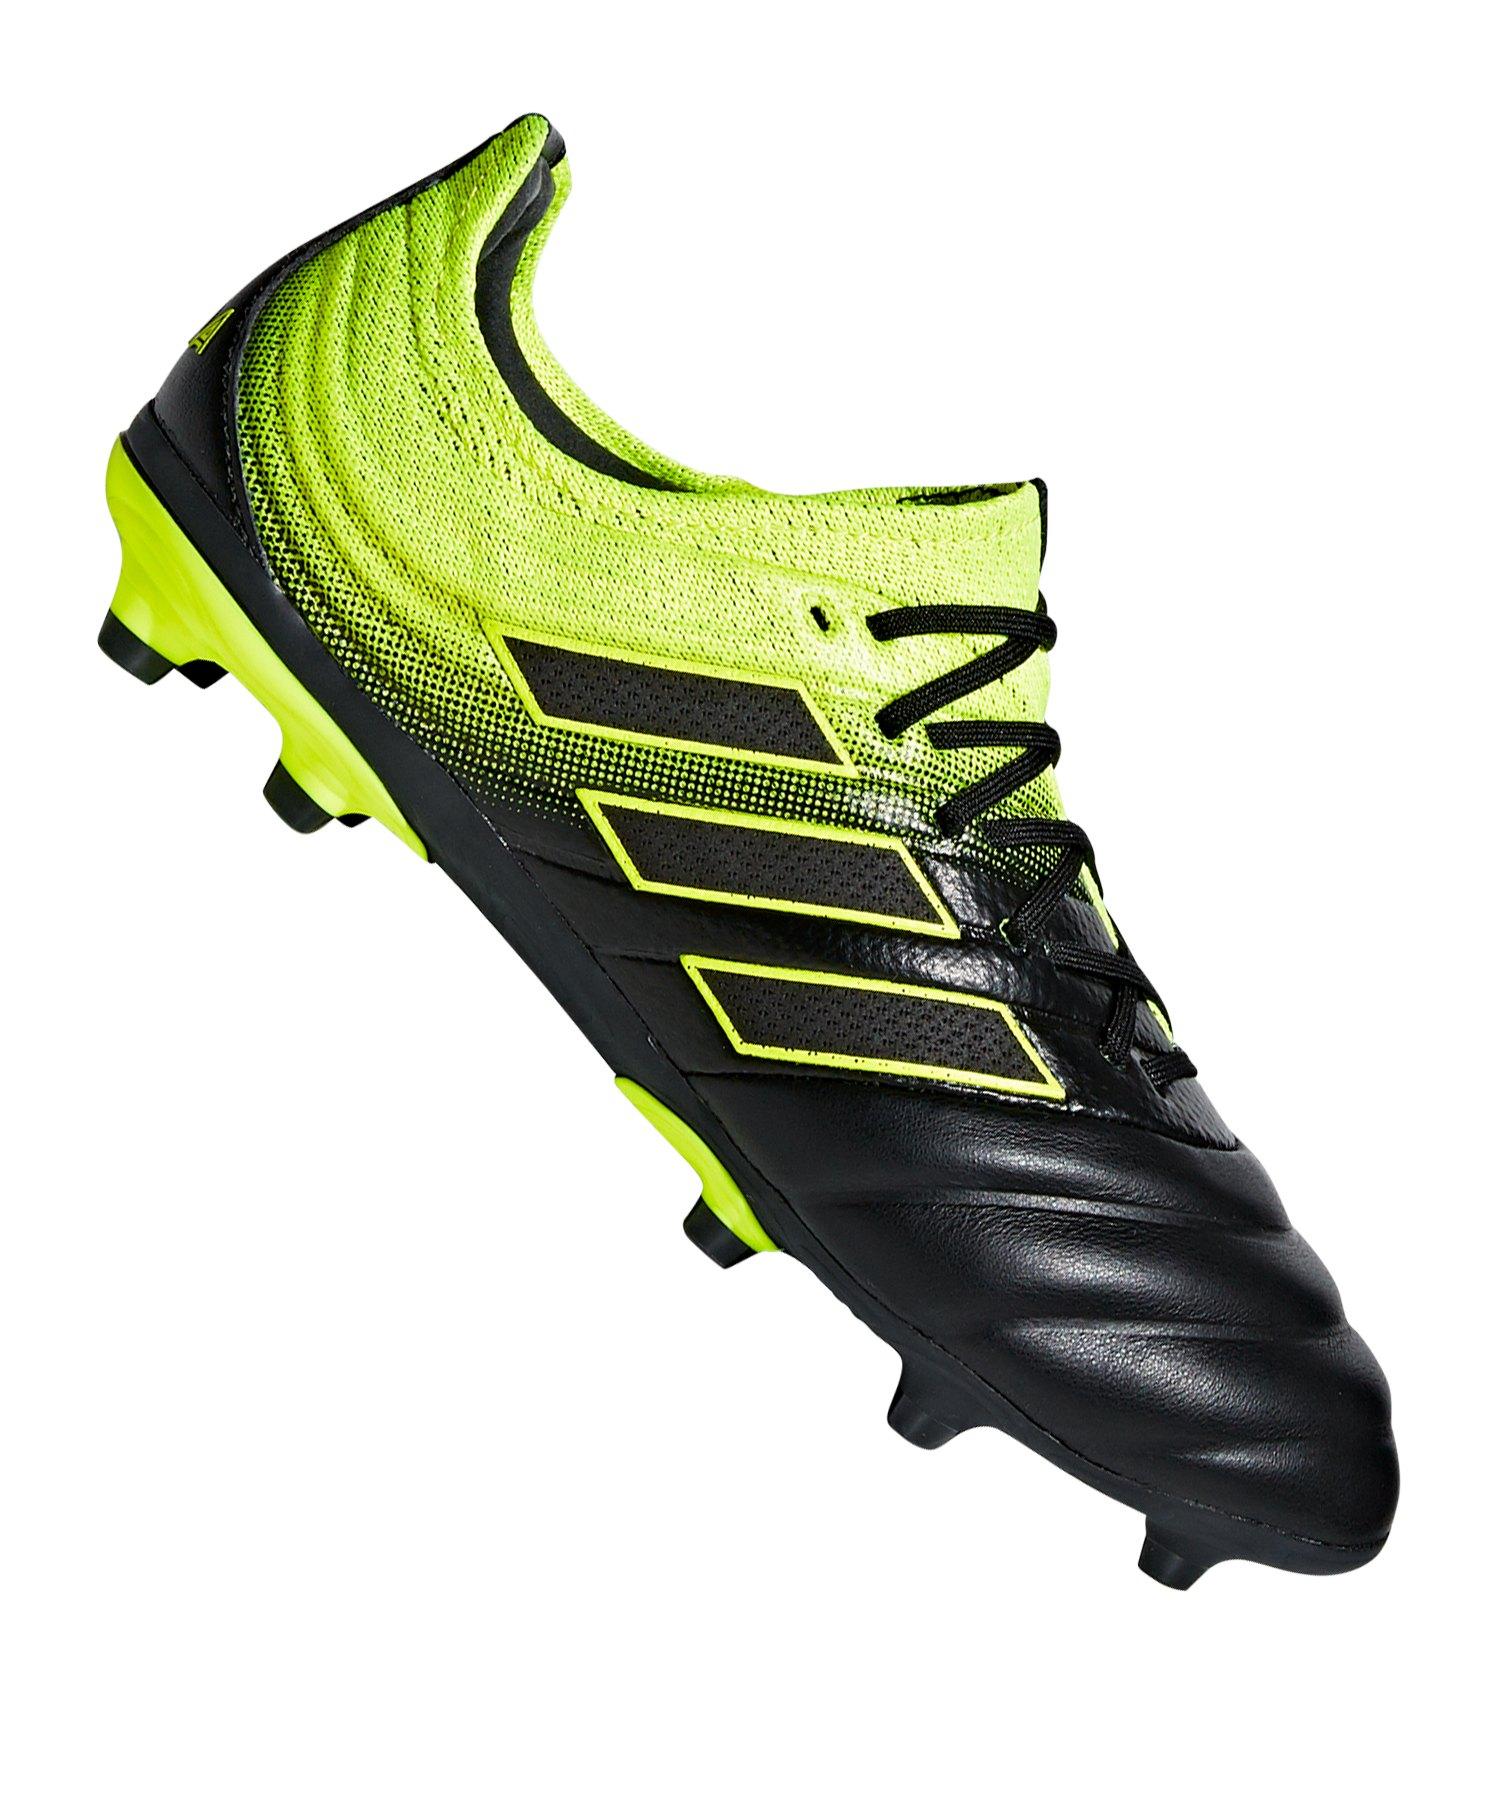 adidas COPA 19.1 FG J Kids Schwarz Gelb - schwarz